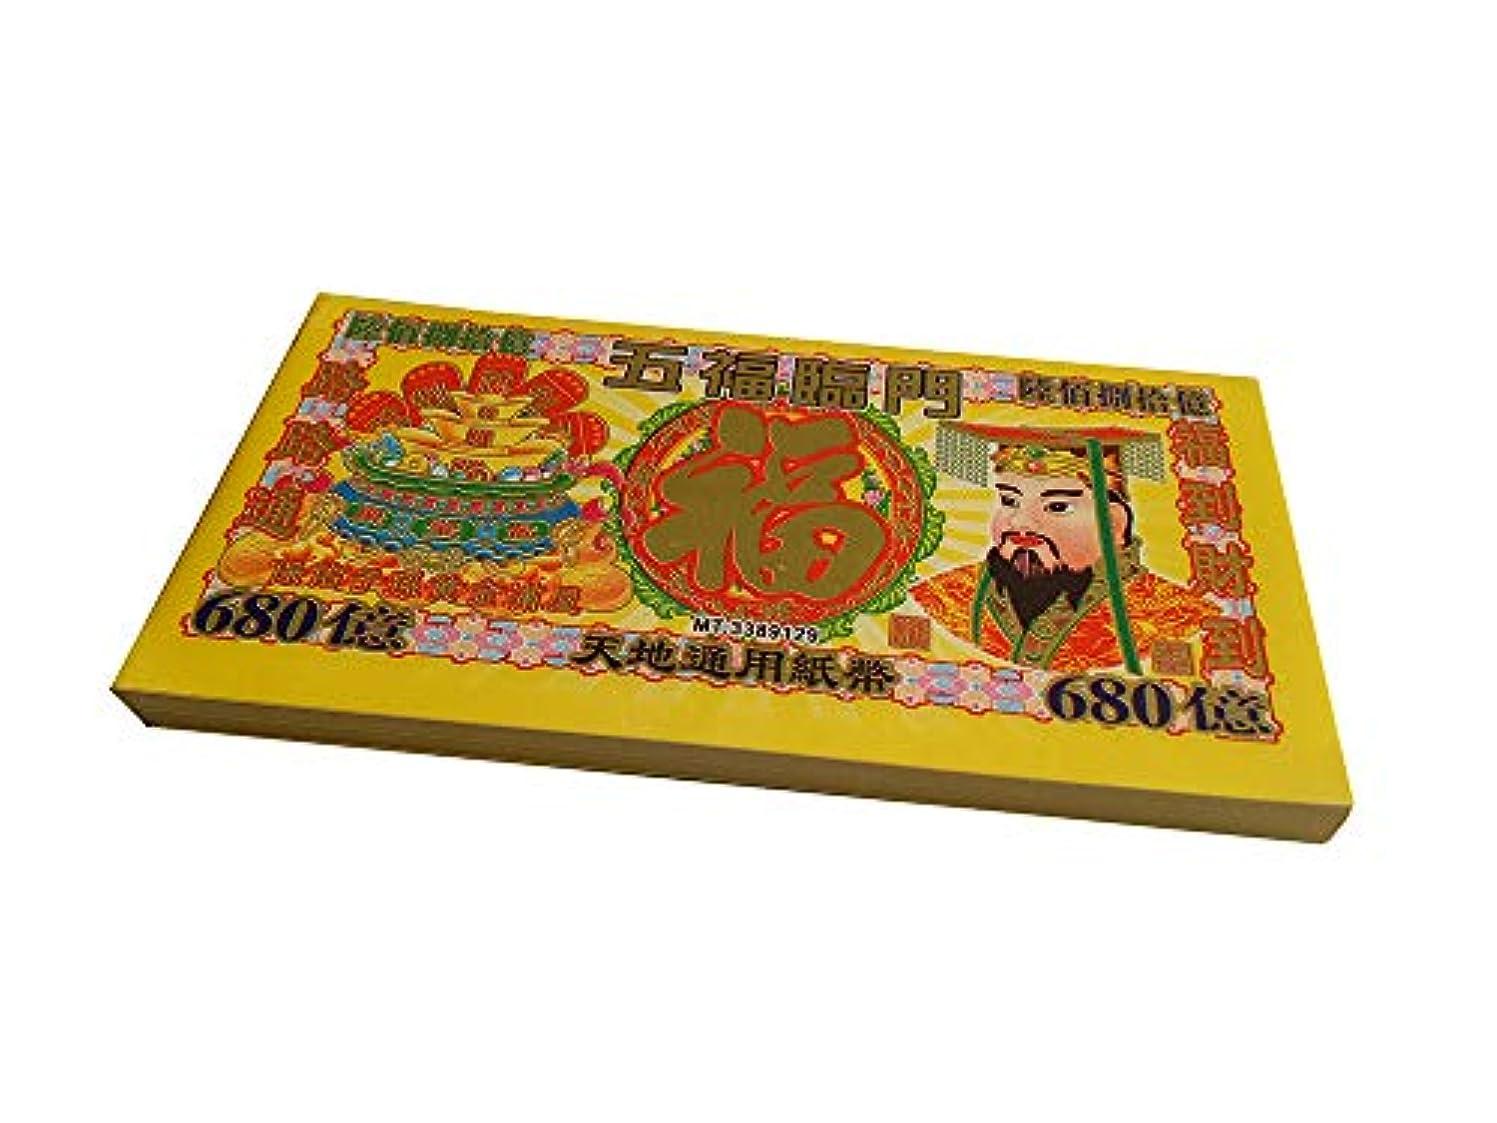 ジュラシックパーク城おとこzeestar Chinese Joss Paper Money,祖先Money (68,000,000,000 ) – Wufu linmen、100個